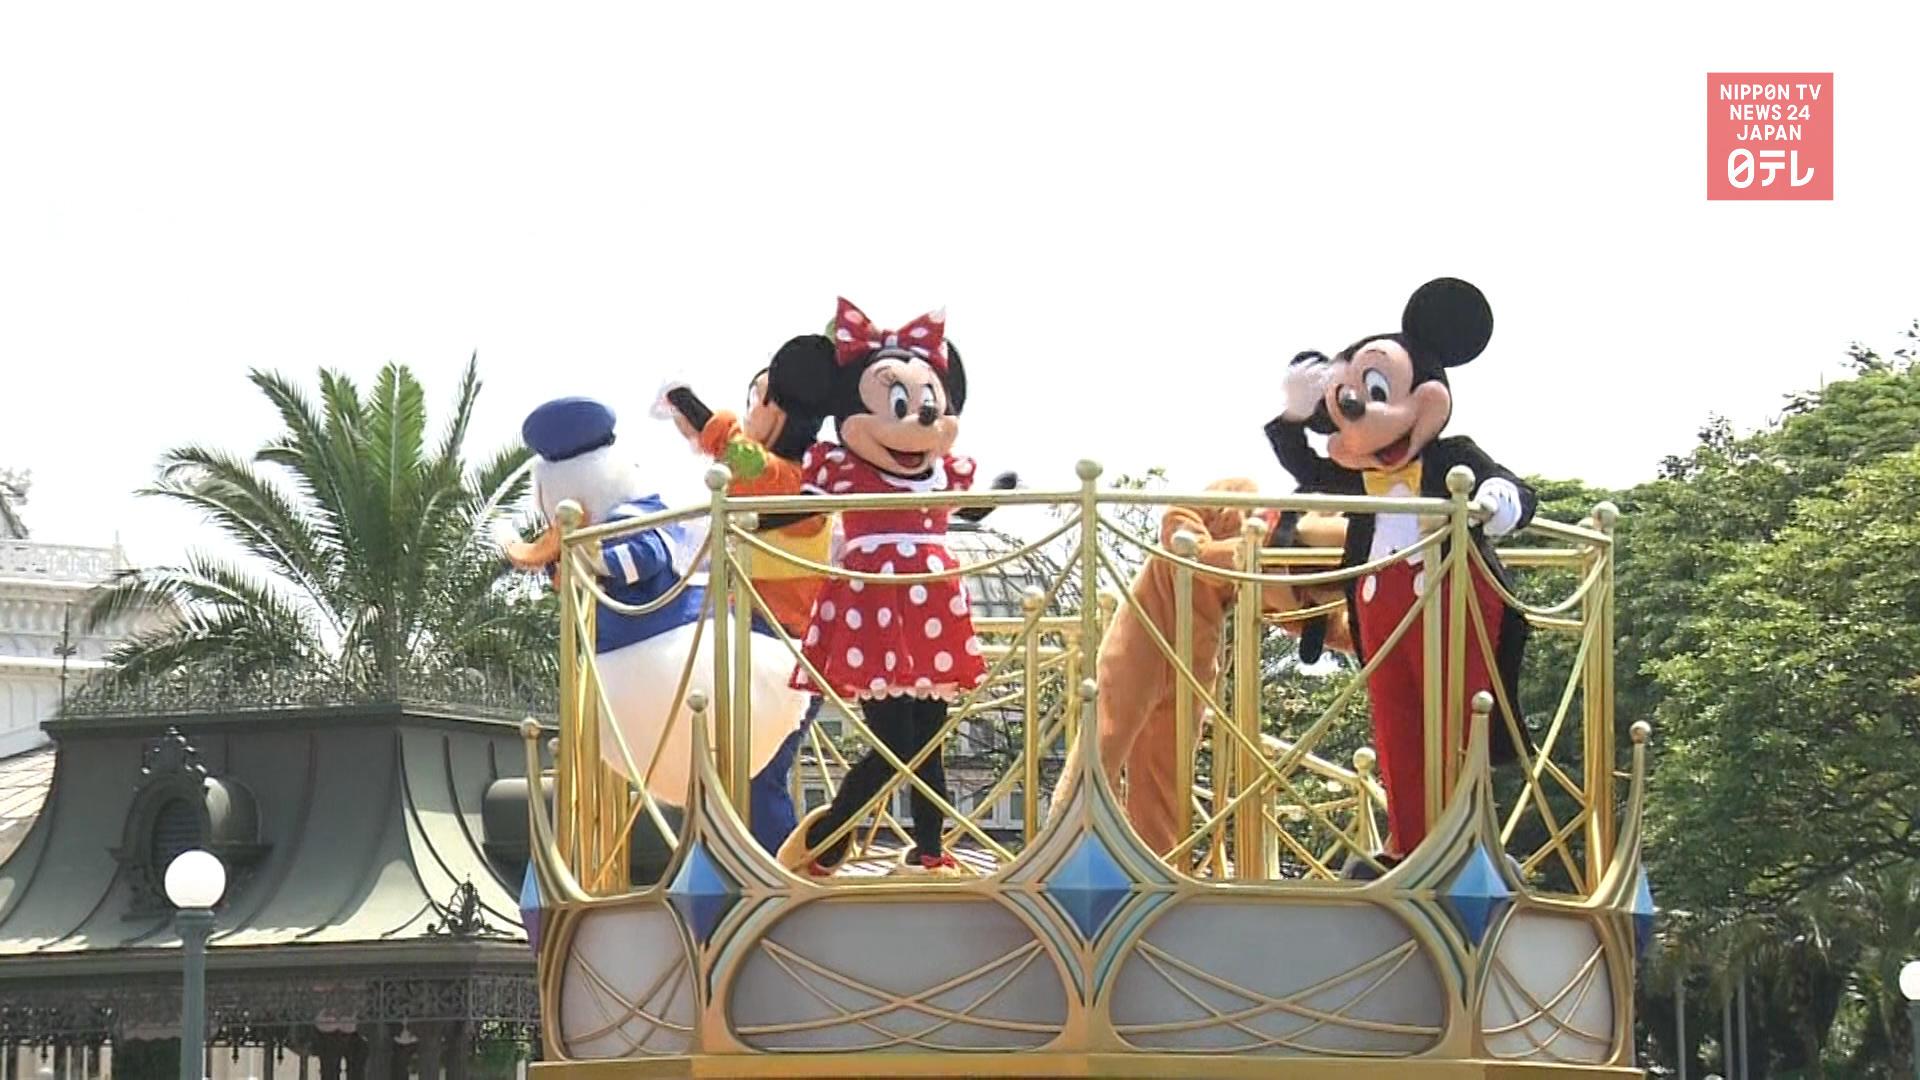 Tokyo Disneyland and DisneySea reopen